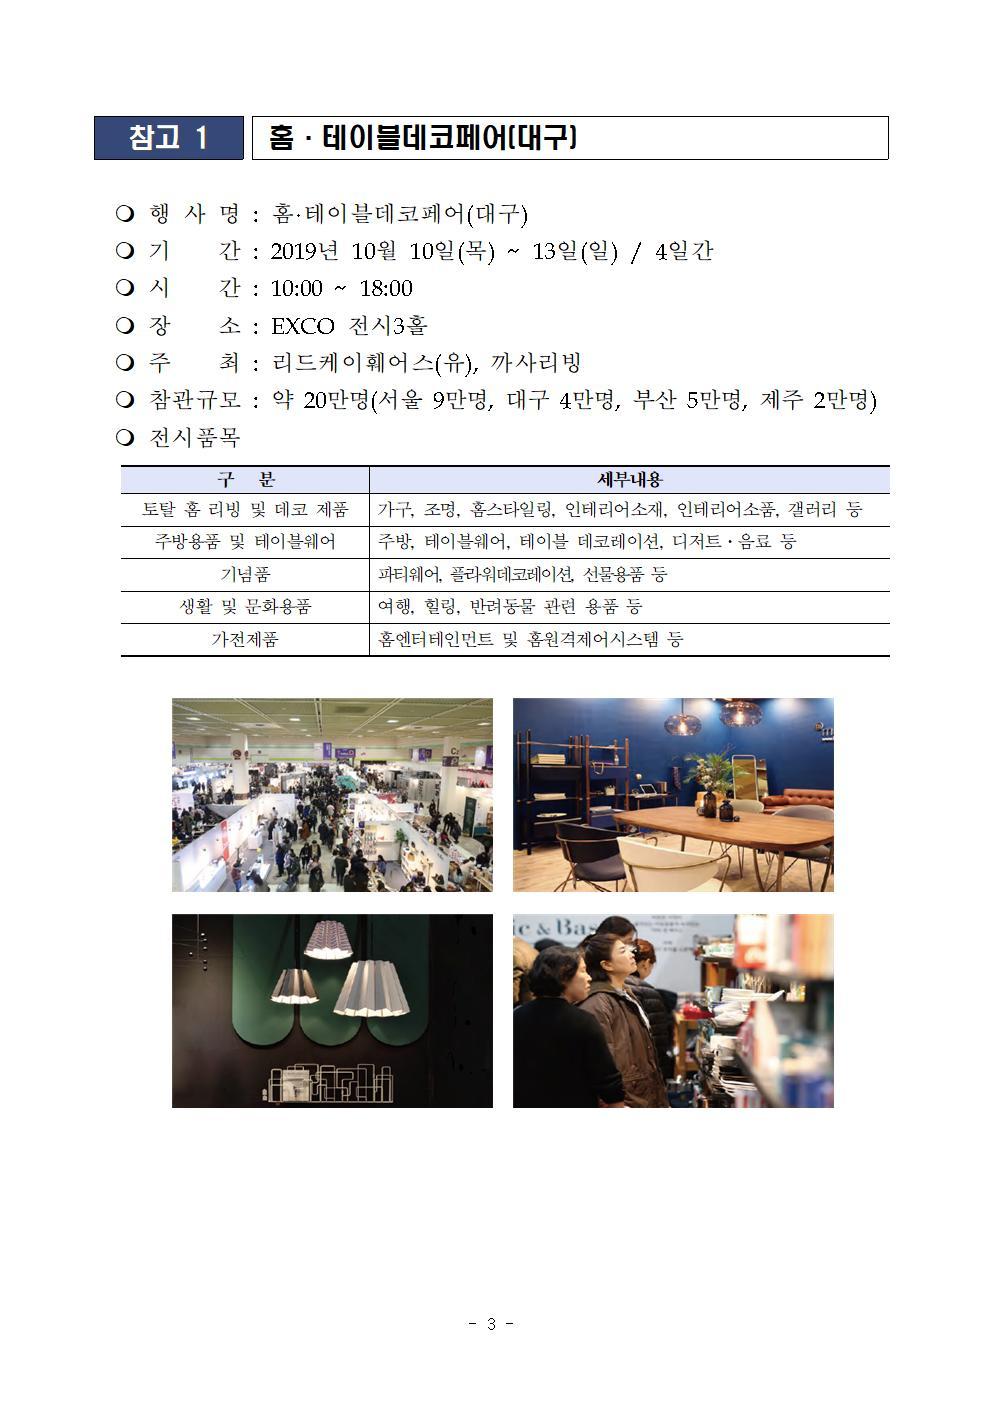 2019 업사이클 전시 참가지원 모집공고003.jpg